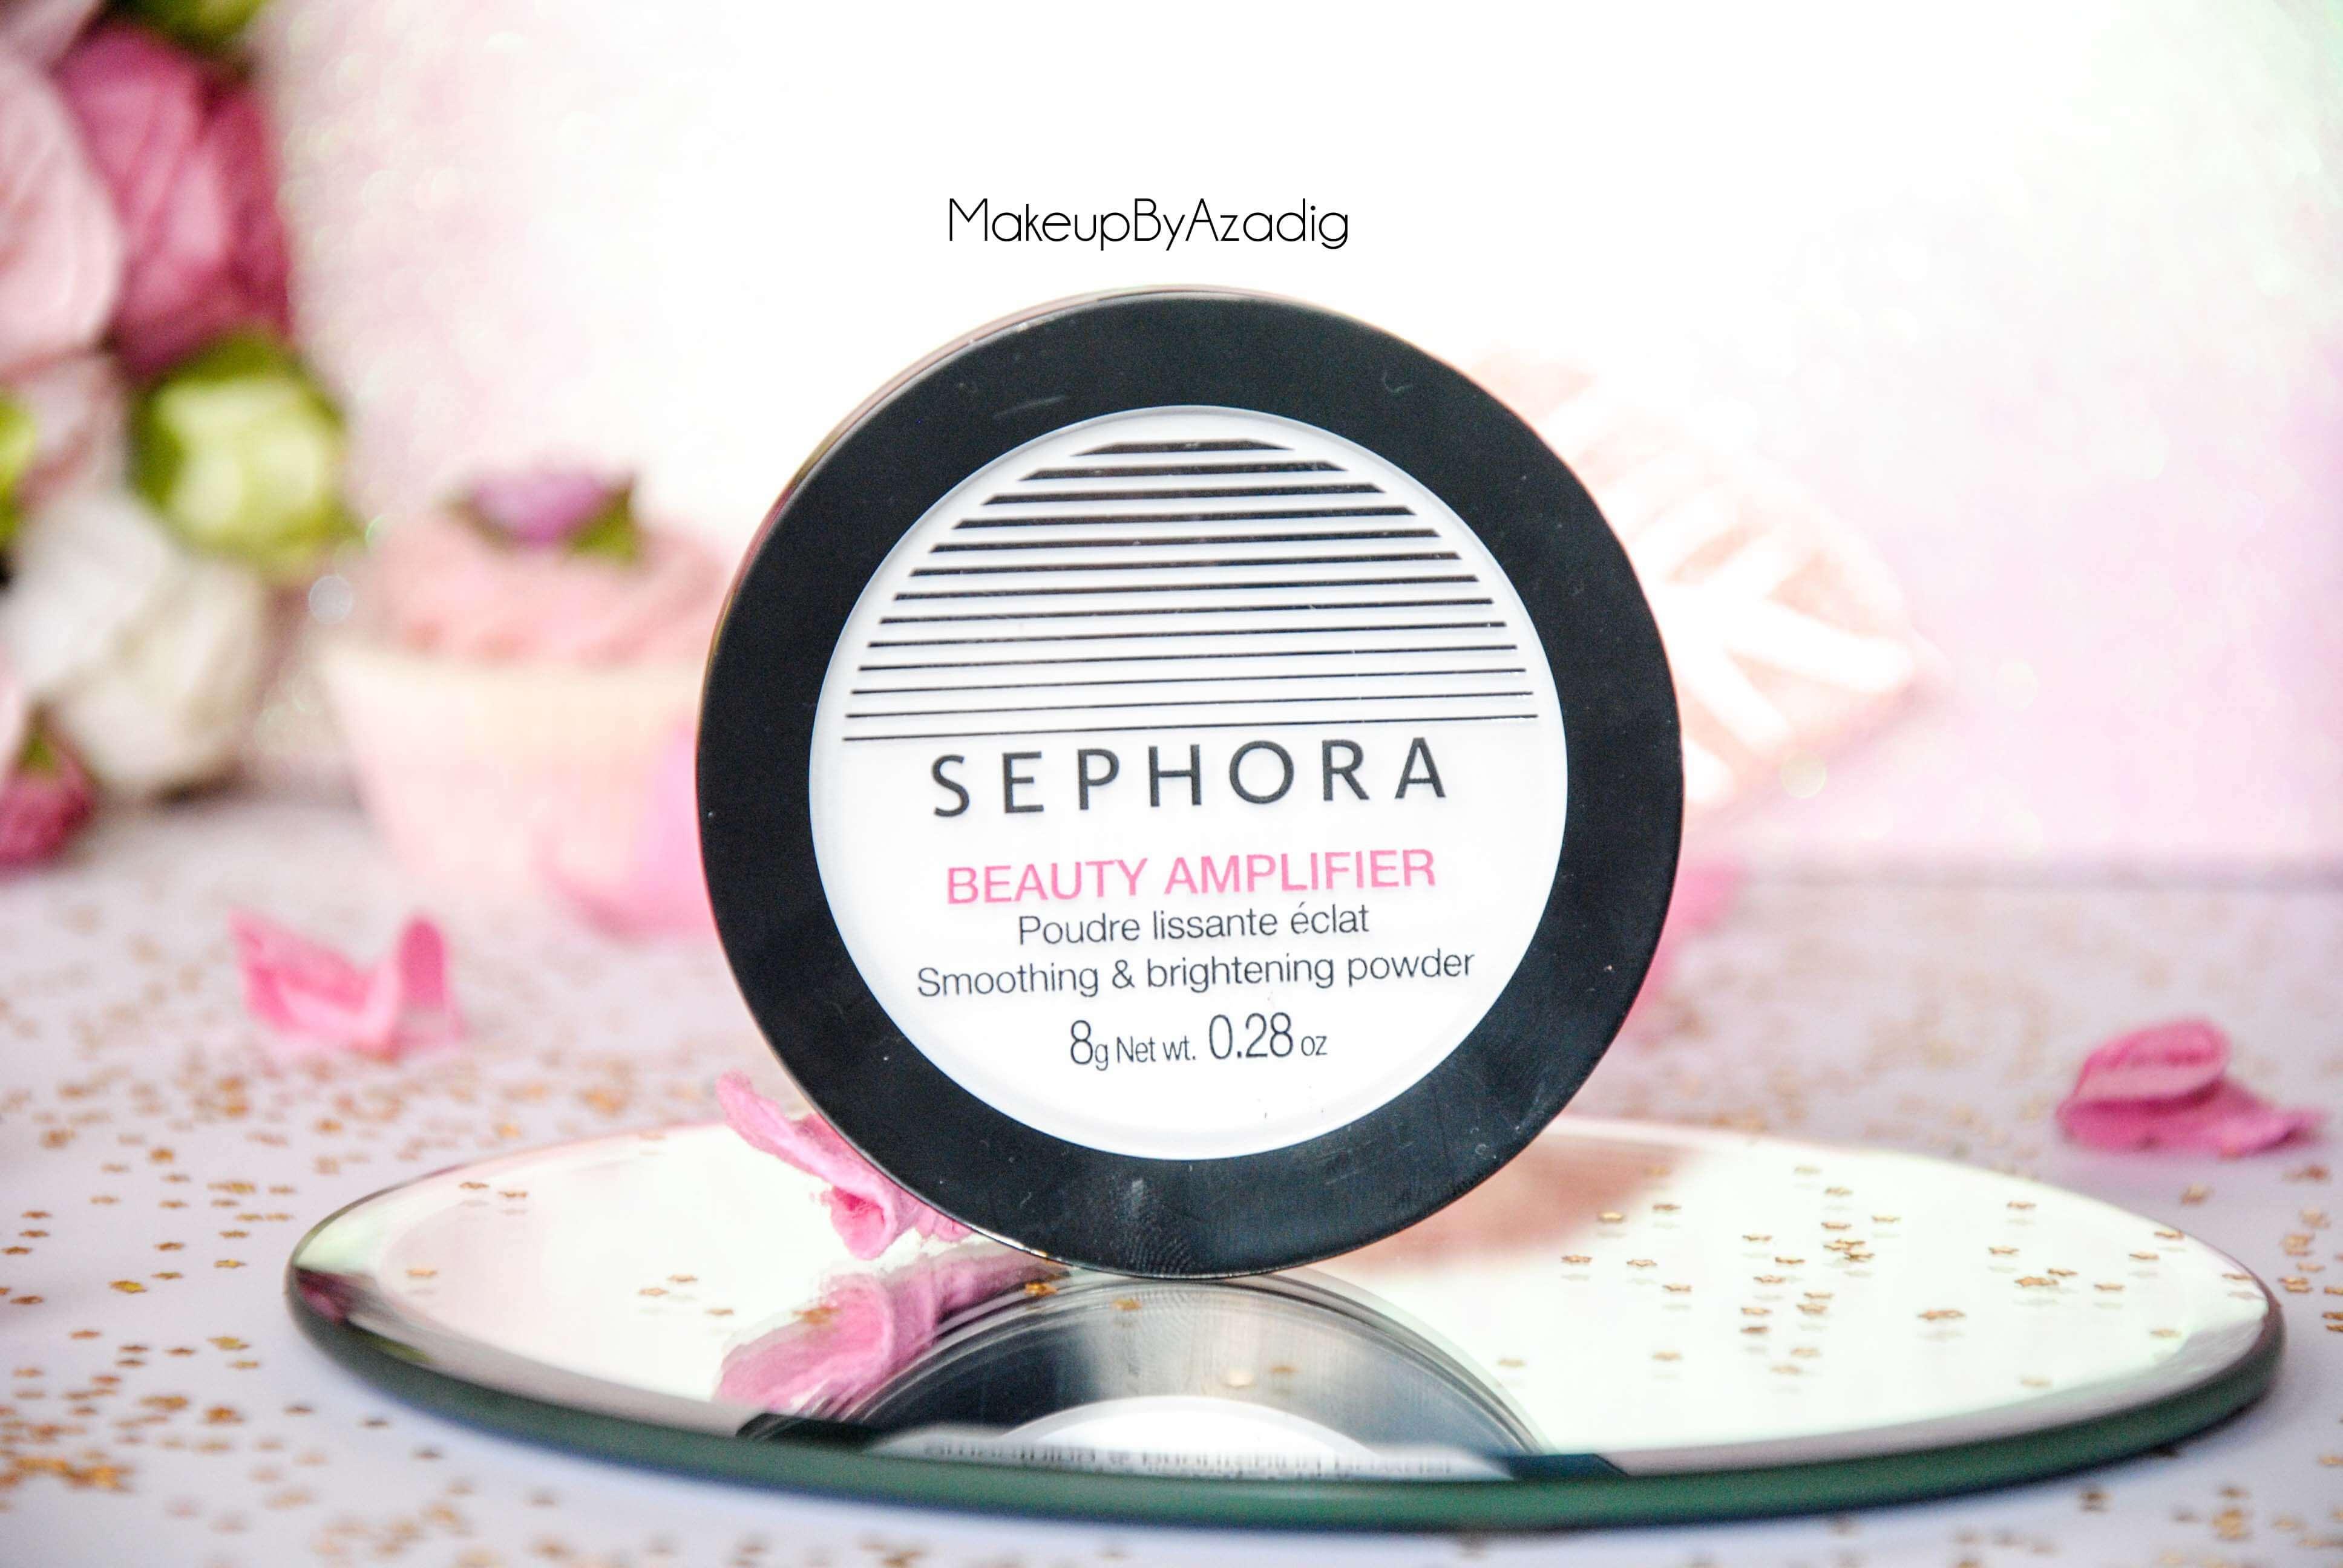 Poudre Beauty Amplifier de Sephora